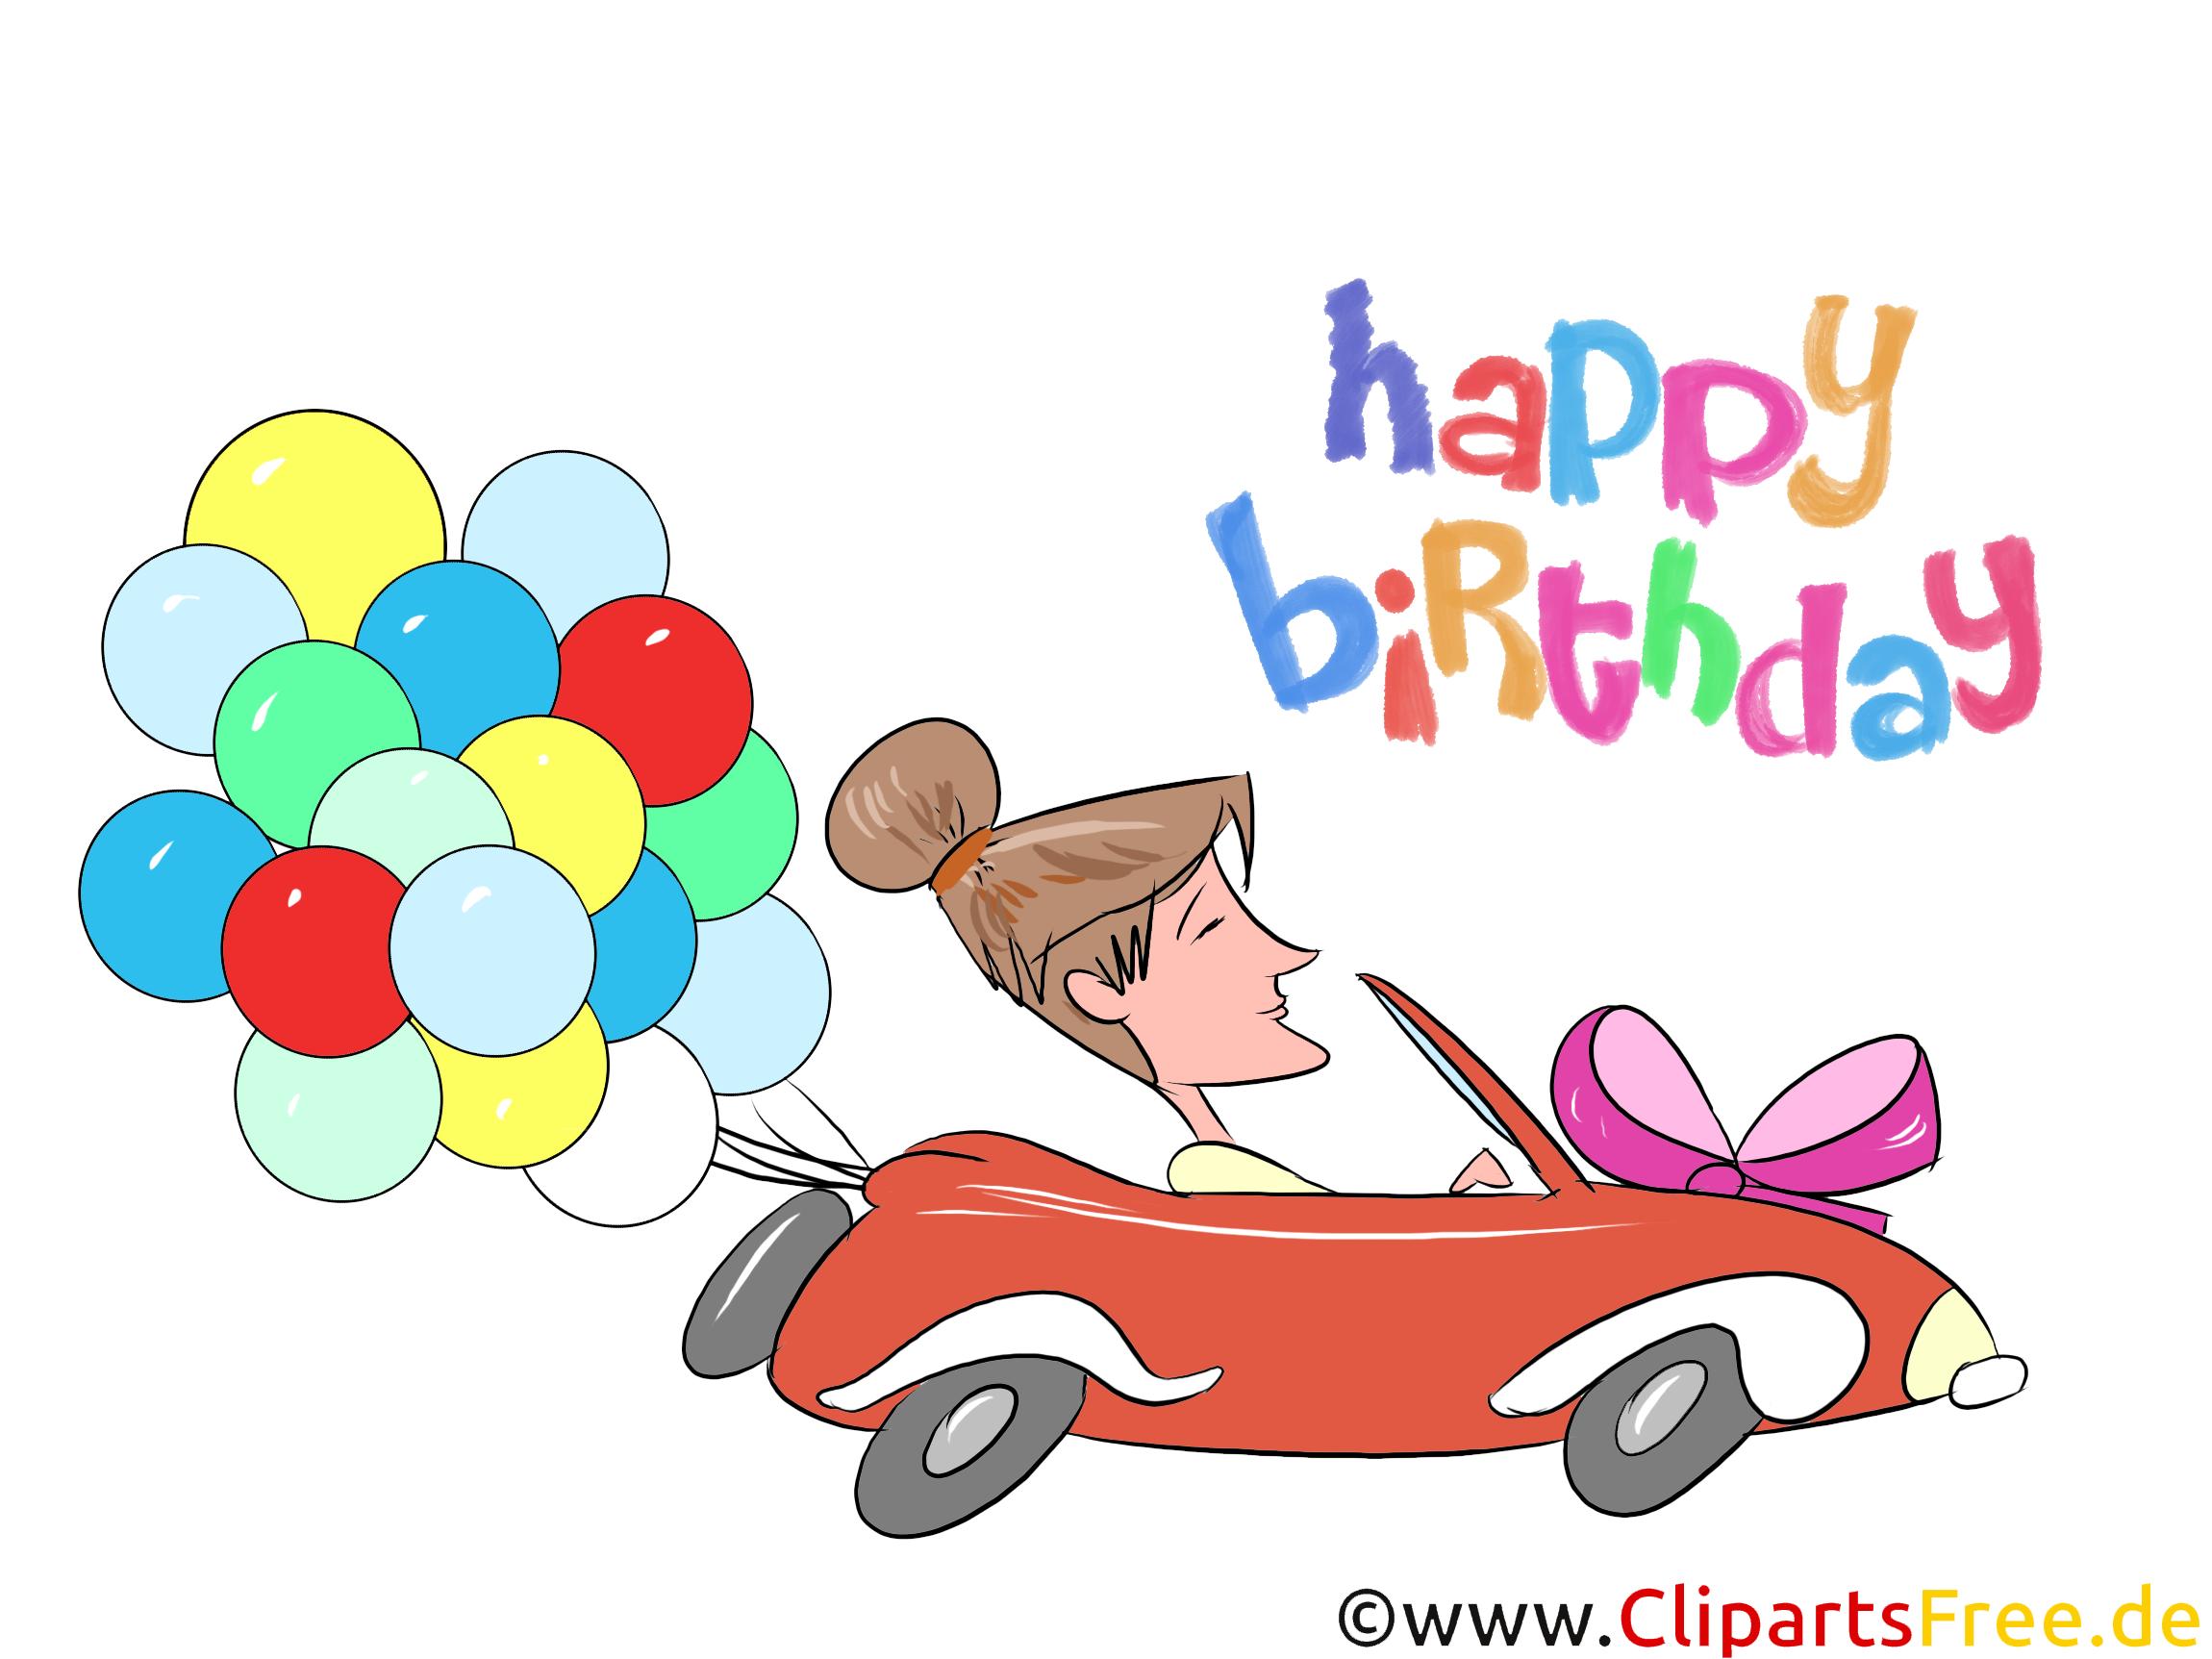 Geburtstagswünsche für Frauen - Clipart zum Geburtstag